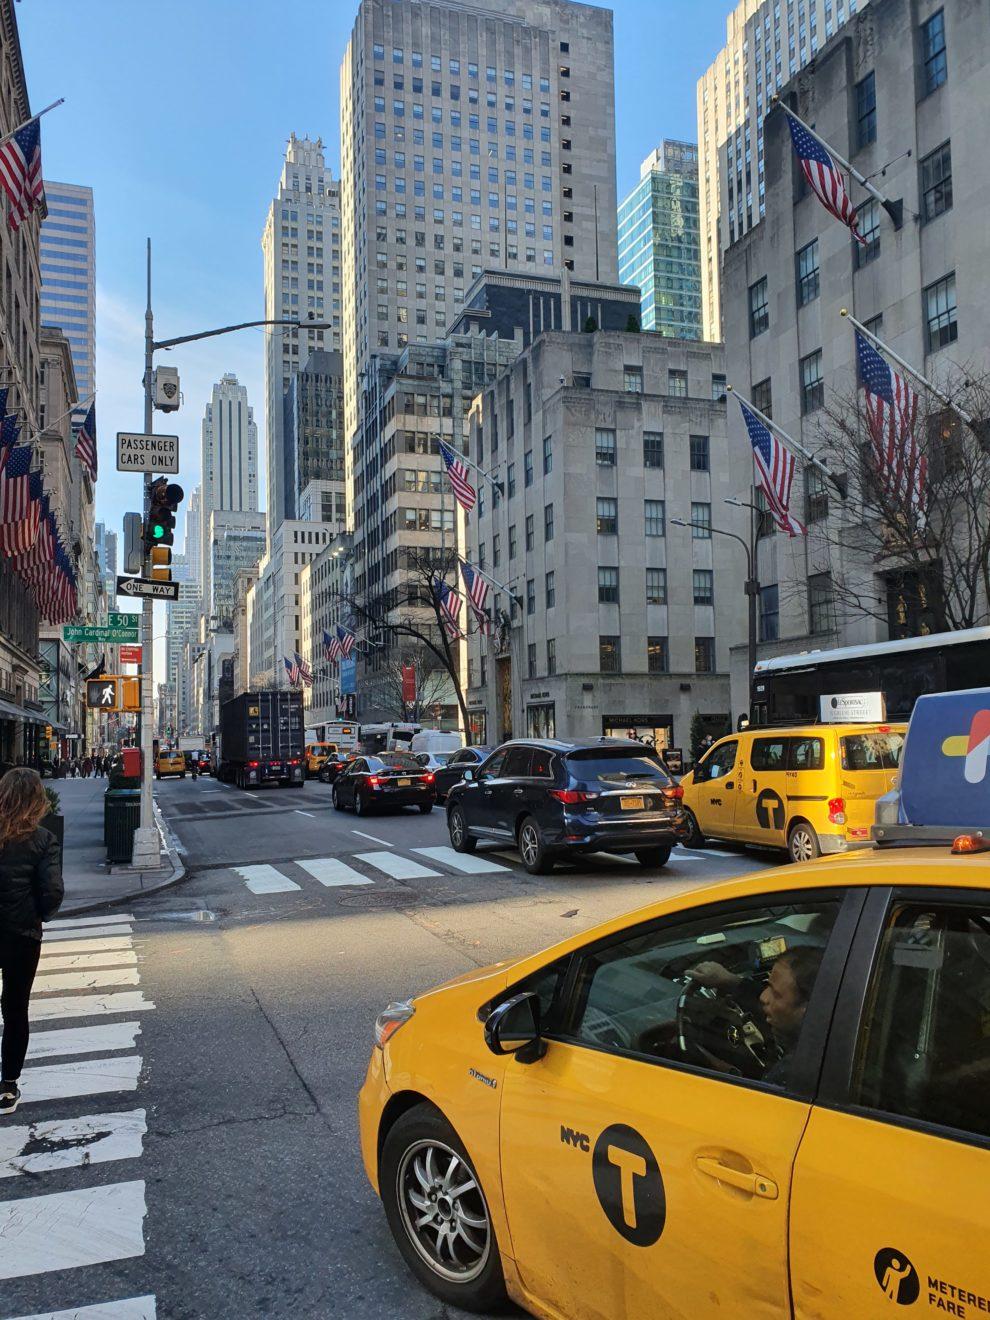 stedentrip New York - de budget tips voor een paar dagen weg